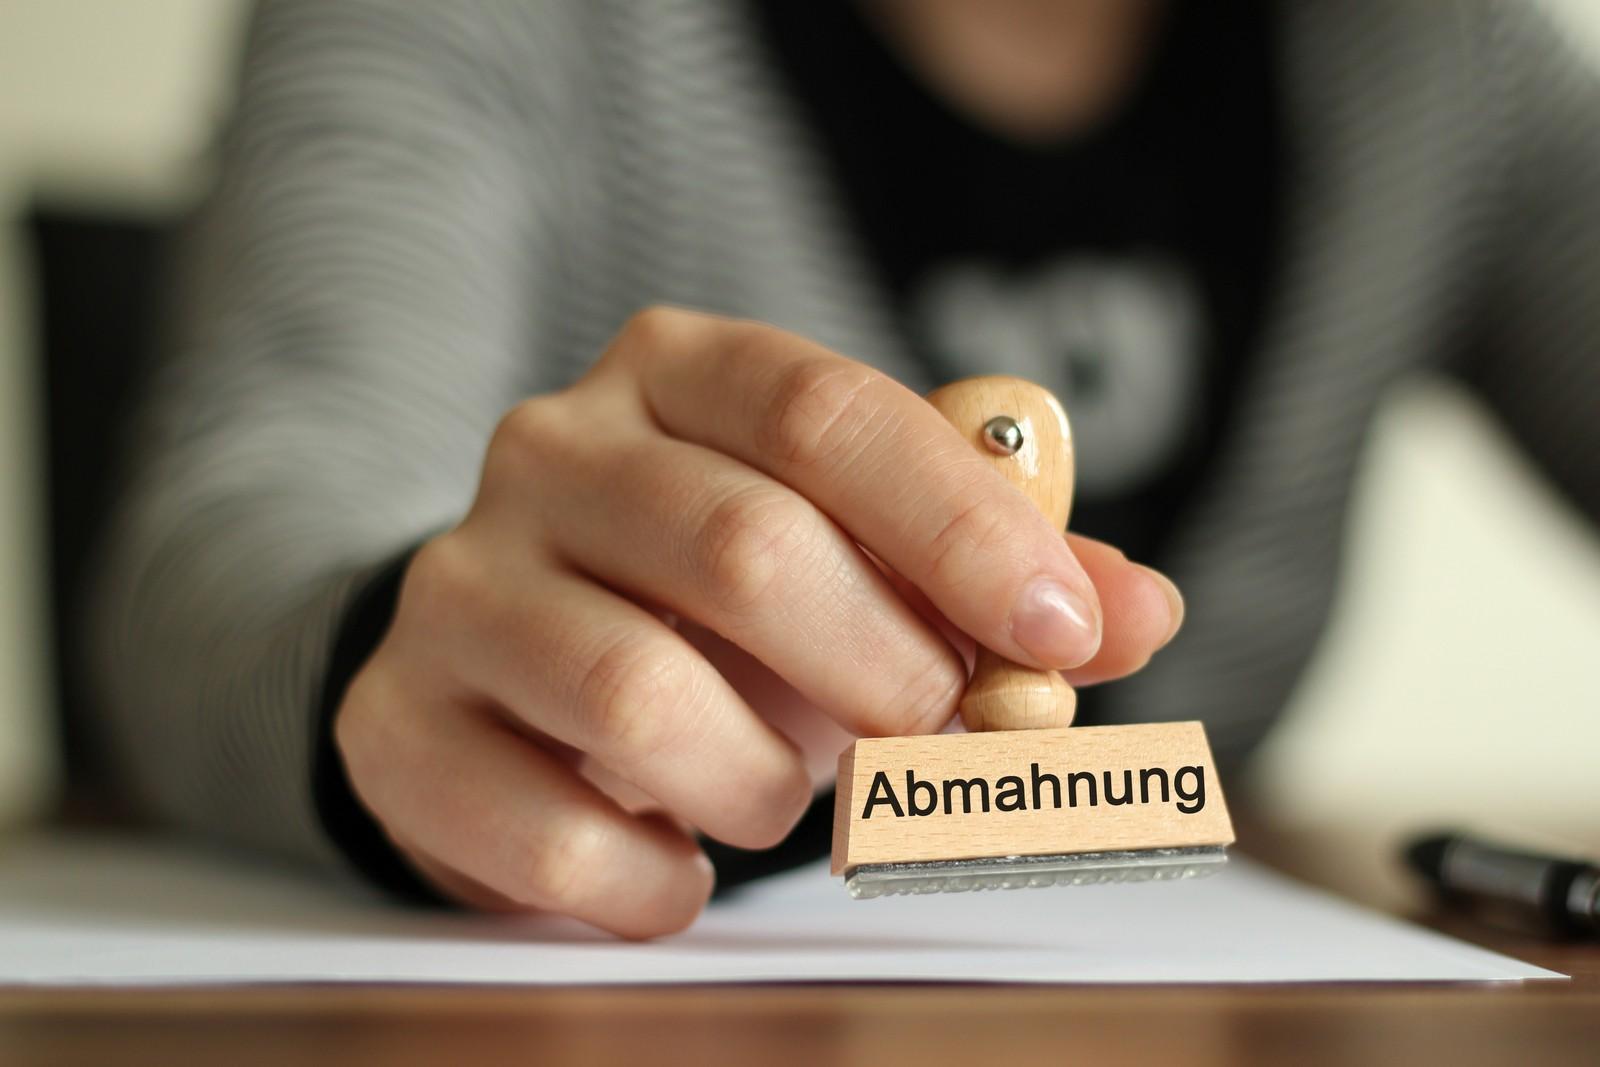 Das Oberlandesgericht Hamburg hält DSGVO-Verstöße grundsätzlich für abmahnfähig.